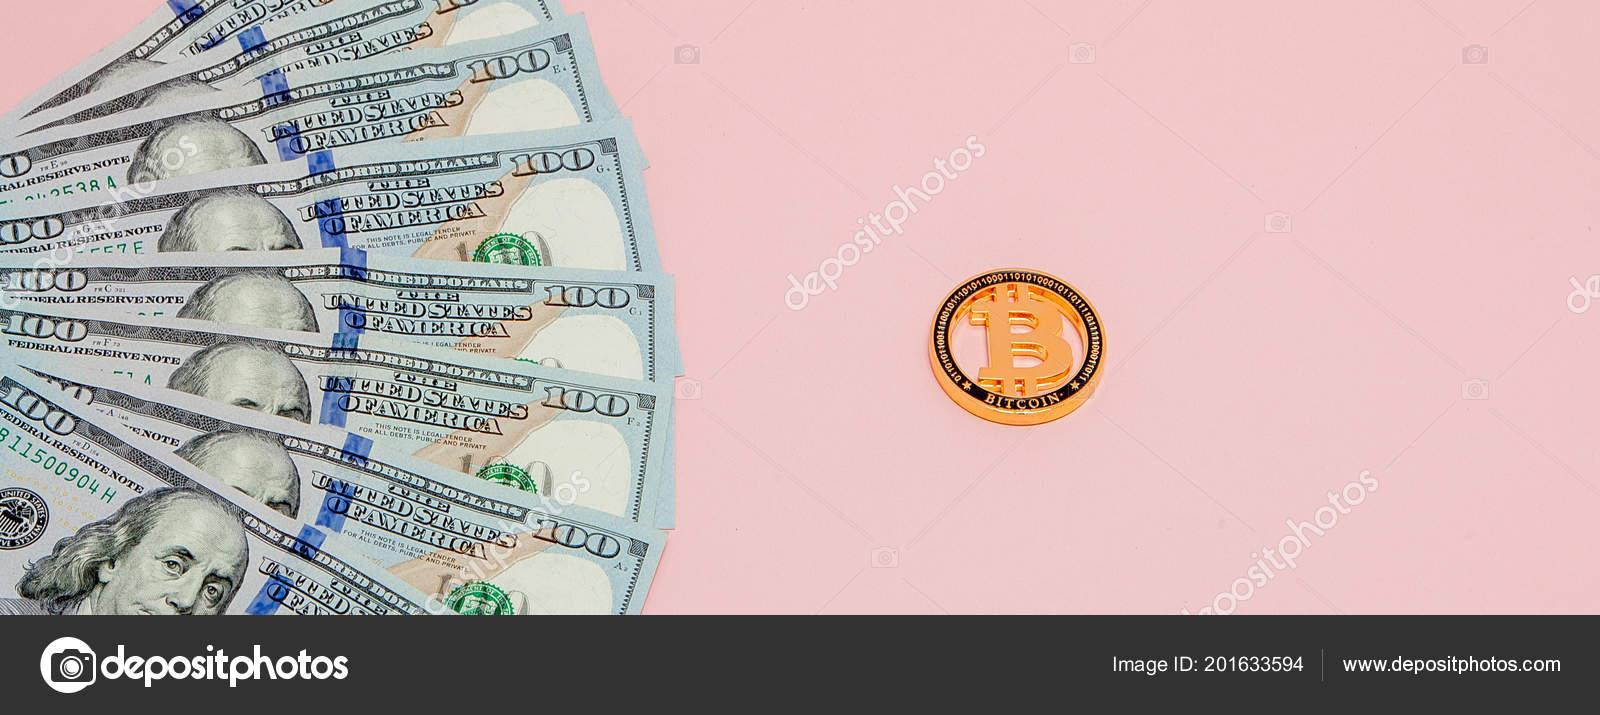 tradingview idei bitcoin aktien die vom bitcoin profitieren